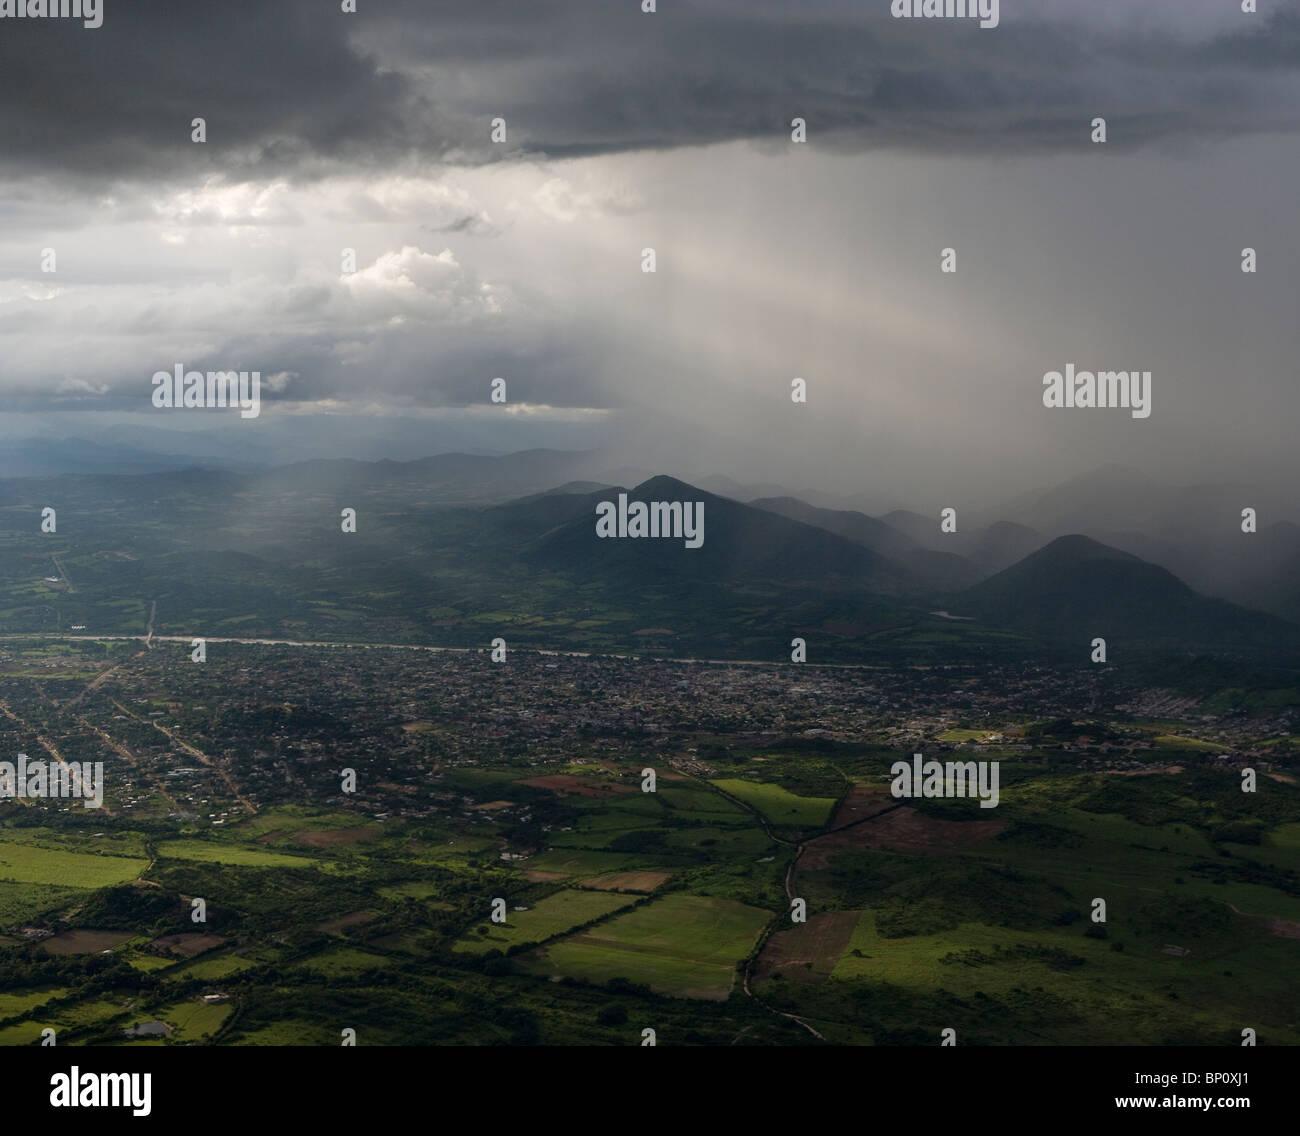 Vue aérienne des averses de pluie au-dessus des rayons de soleil près de Tuxtla Gutierrez, Chiapas, Mexique Photo Stock